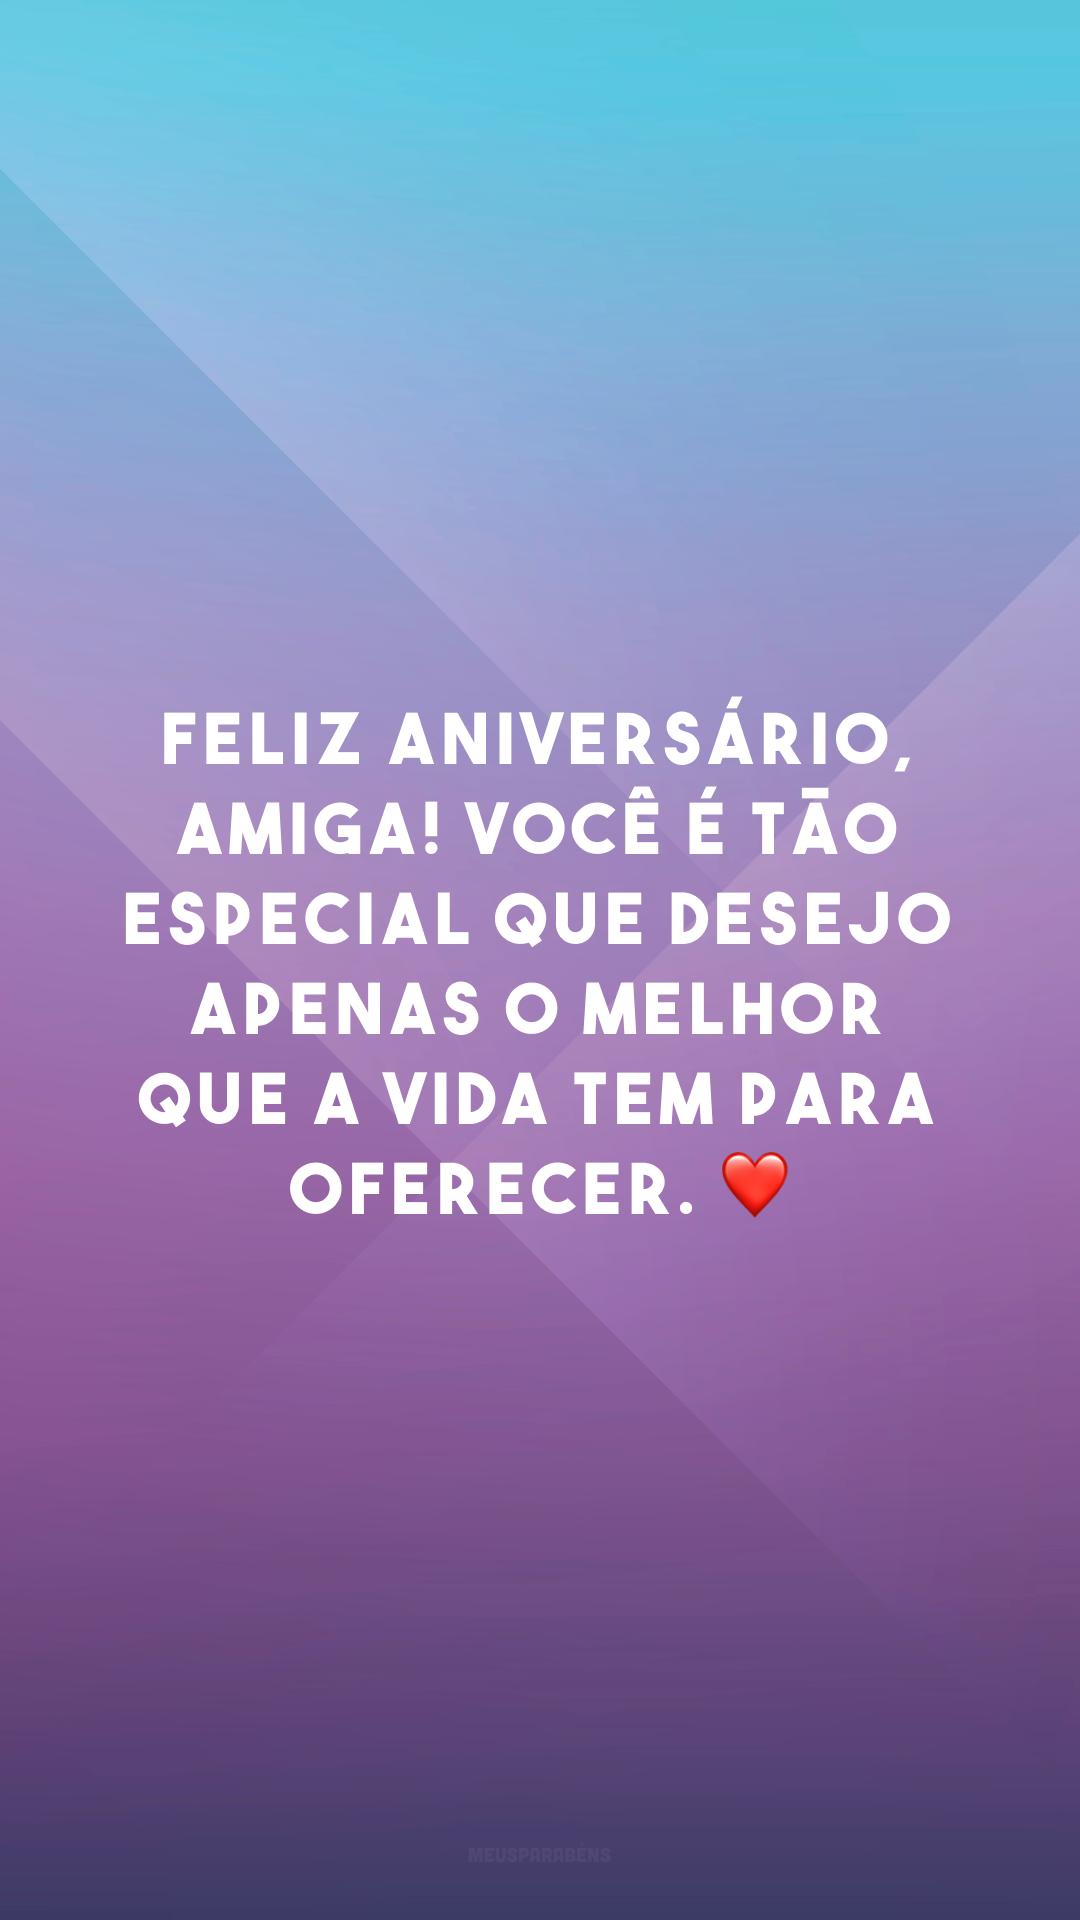 Feliz aniversário, amiga! Você é tão especial que desejo apenas o melhor que a vida tem para oferecer. ❤